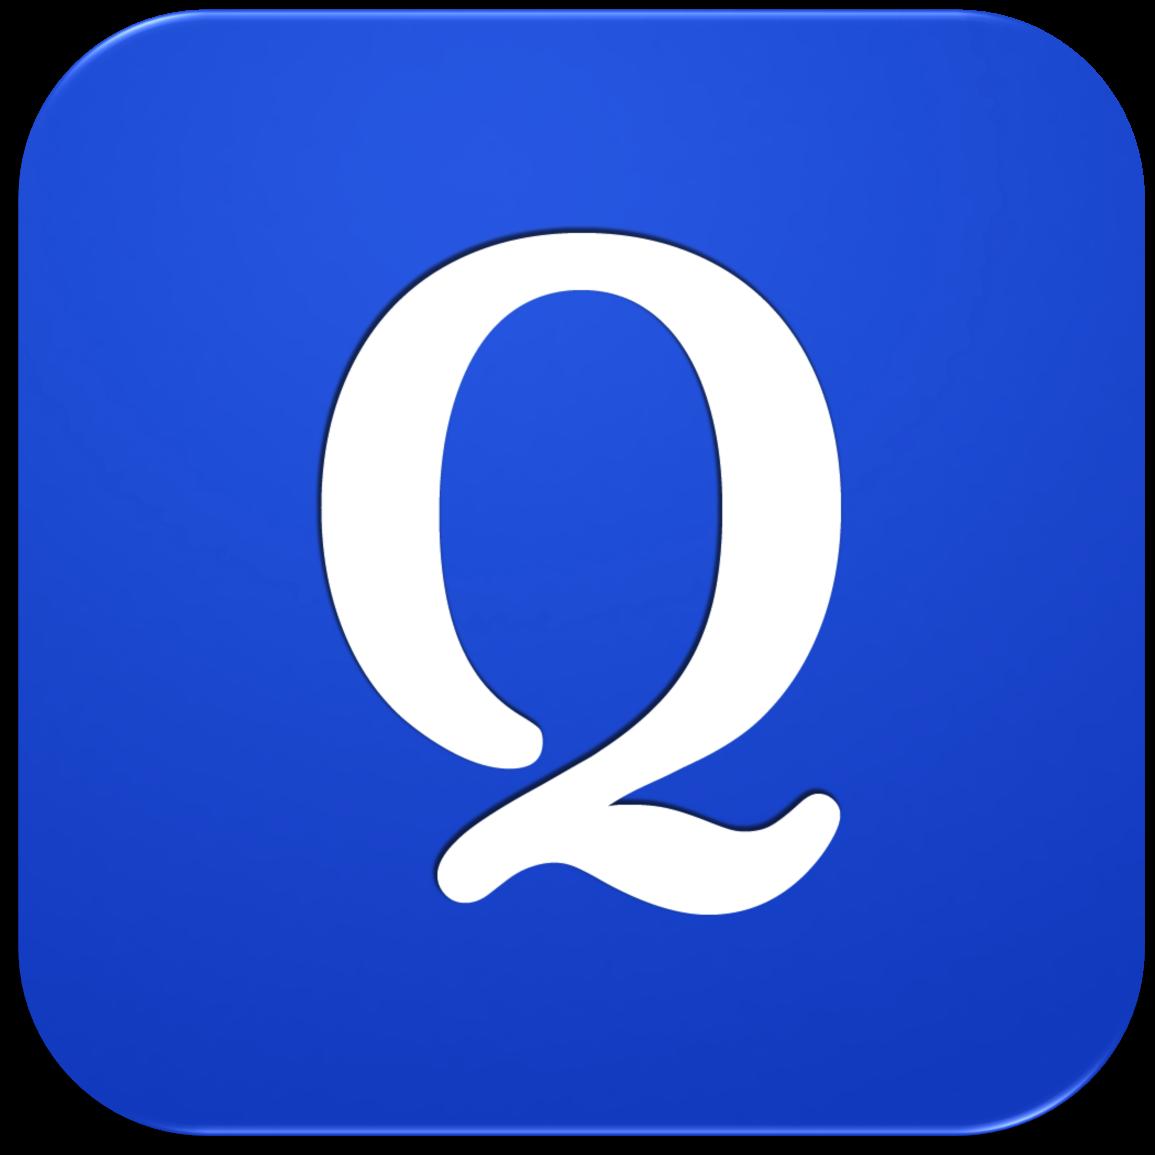 Ar art color quizlet - Quizlet